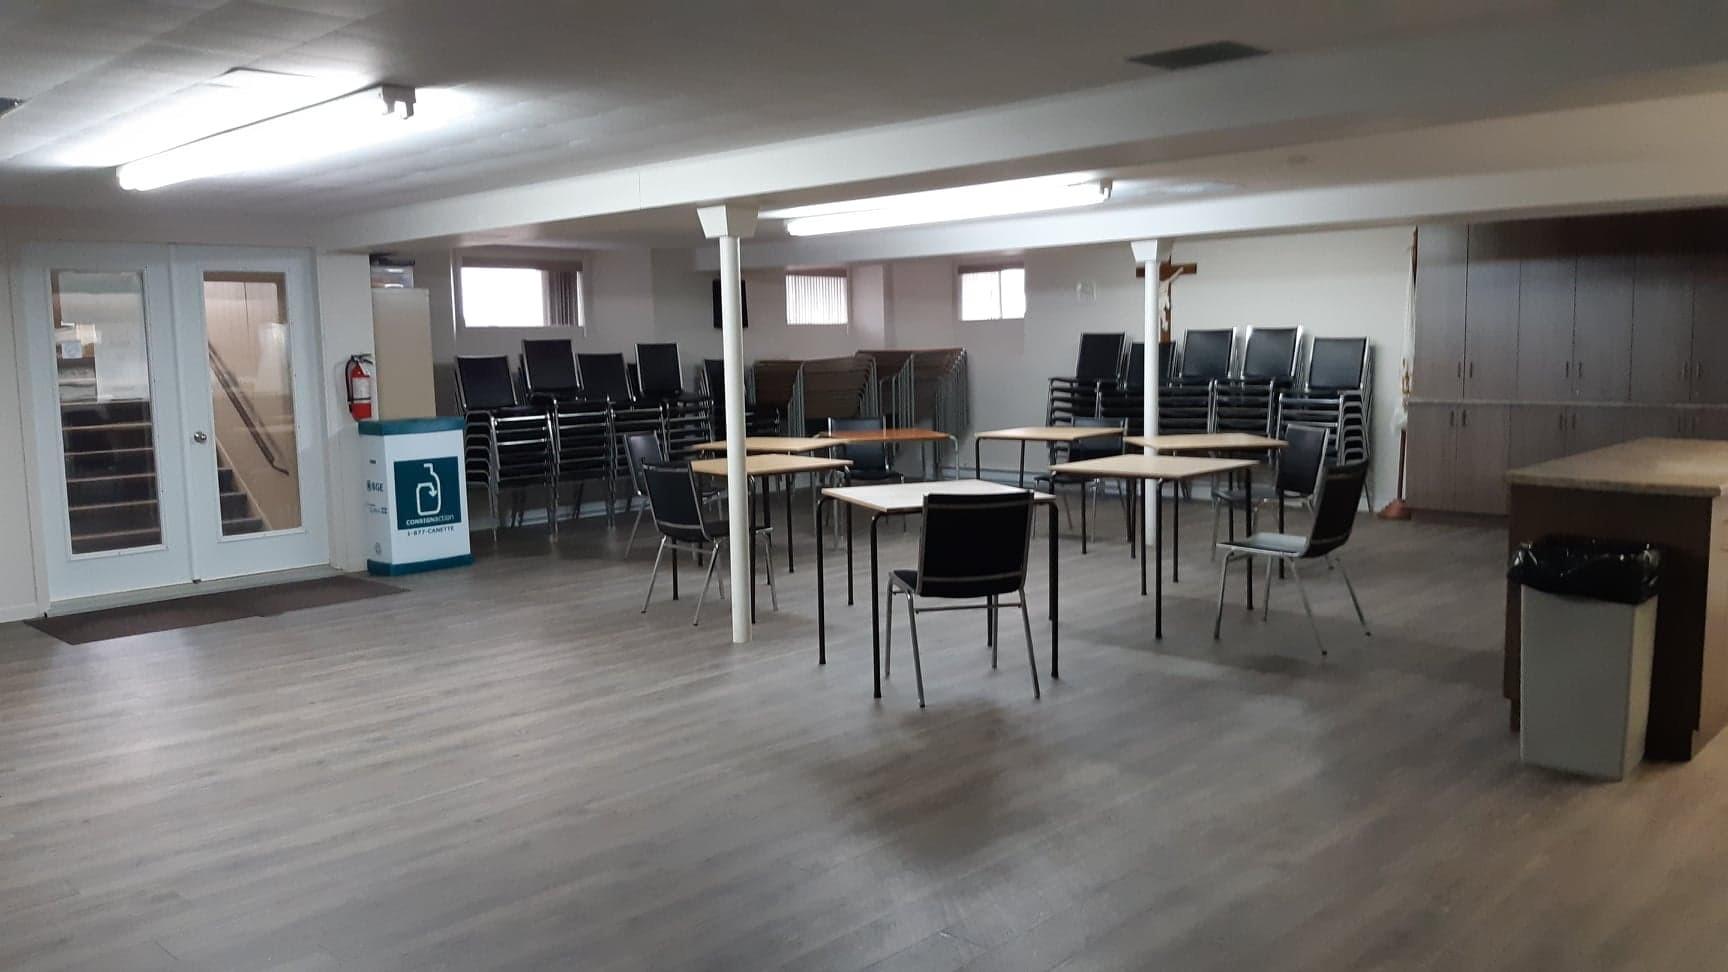 Salle 4vents1 (Auteur : Josée Ouellet)